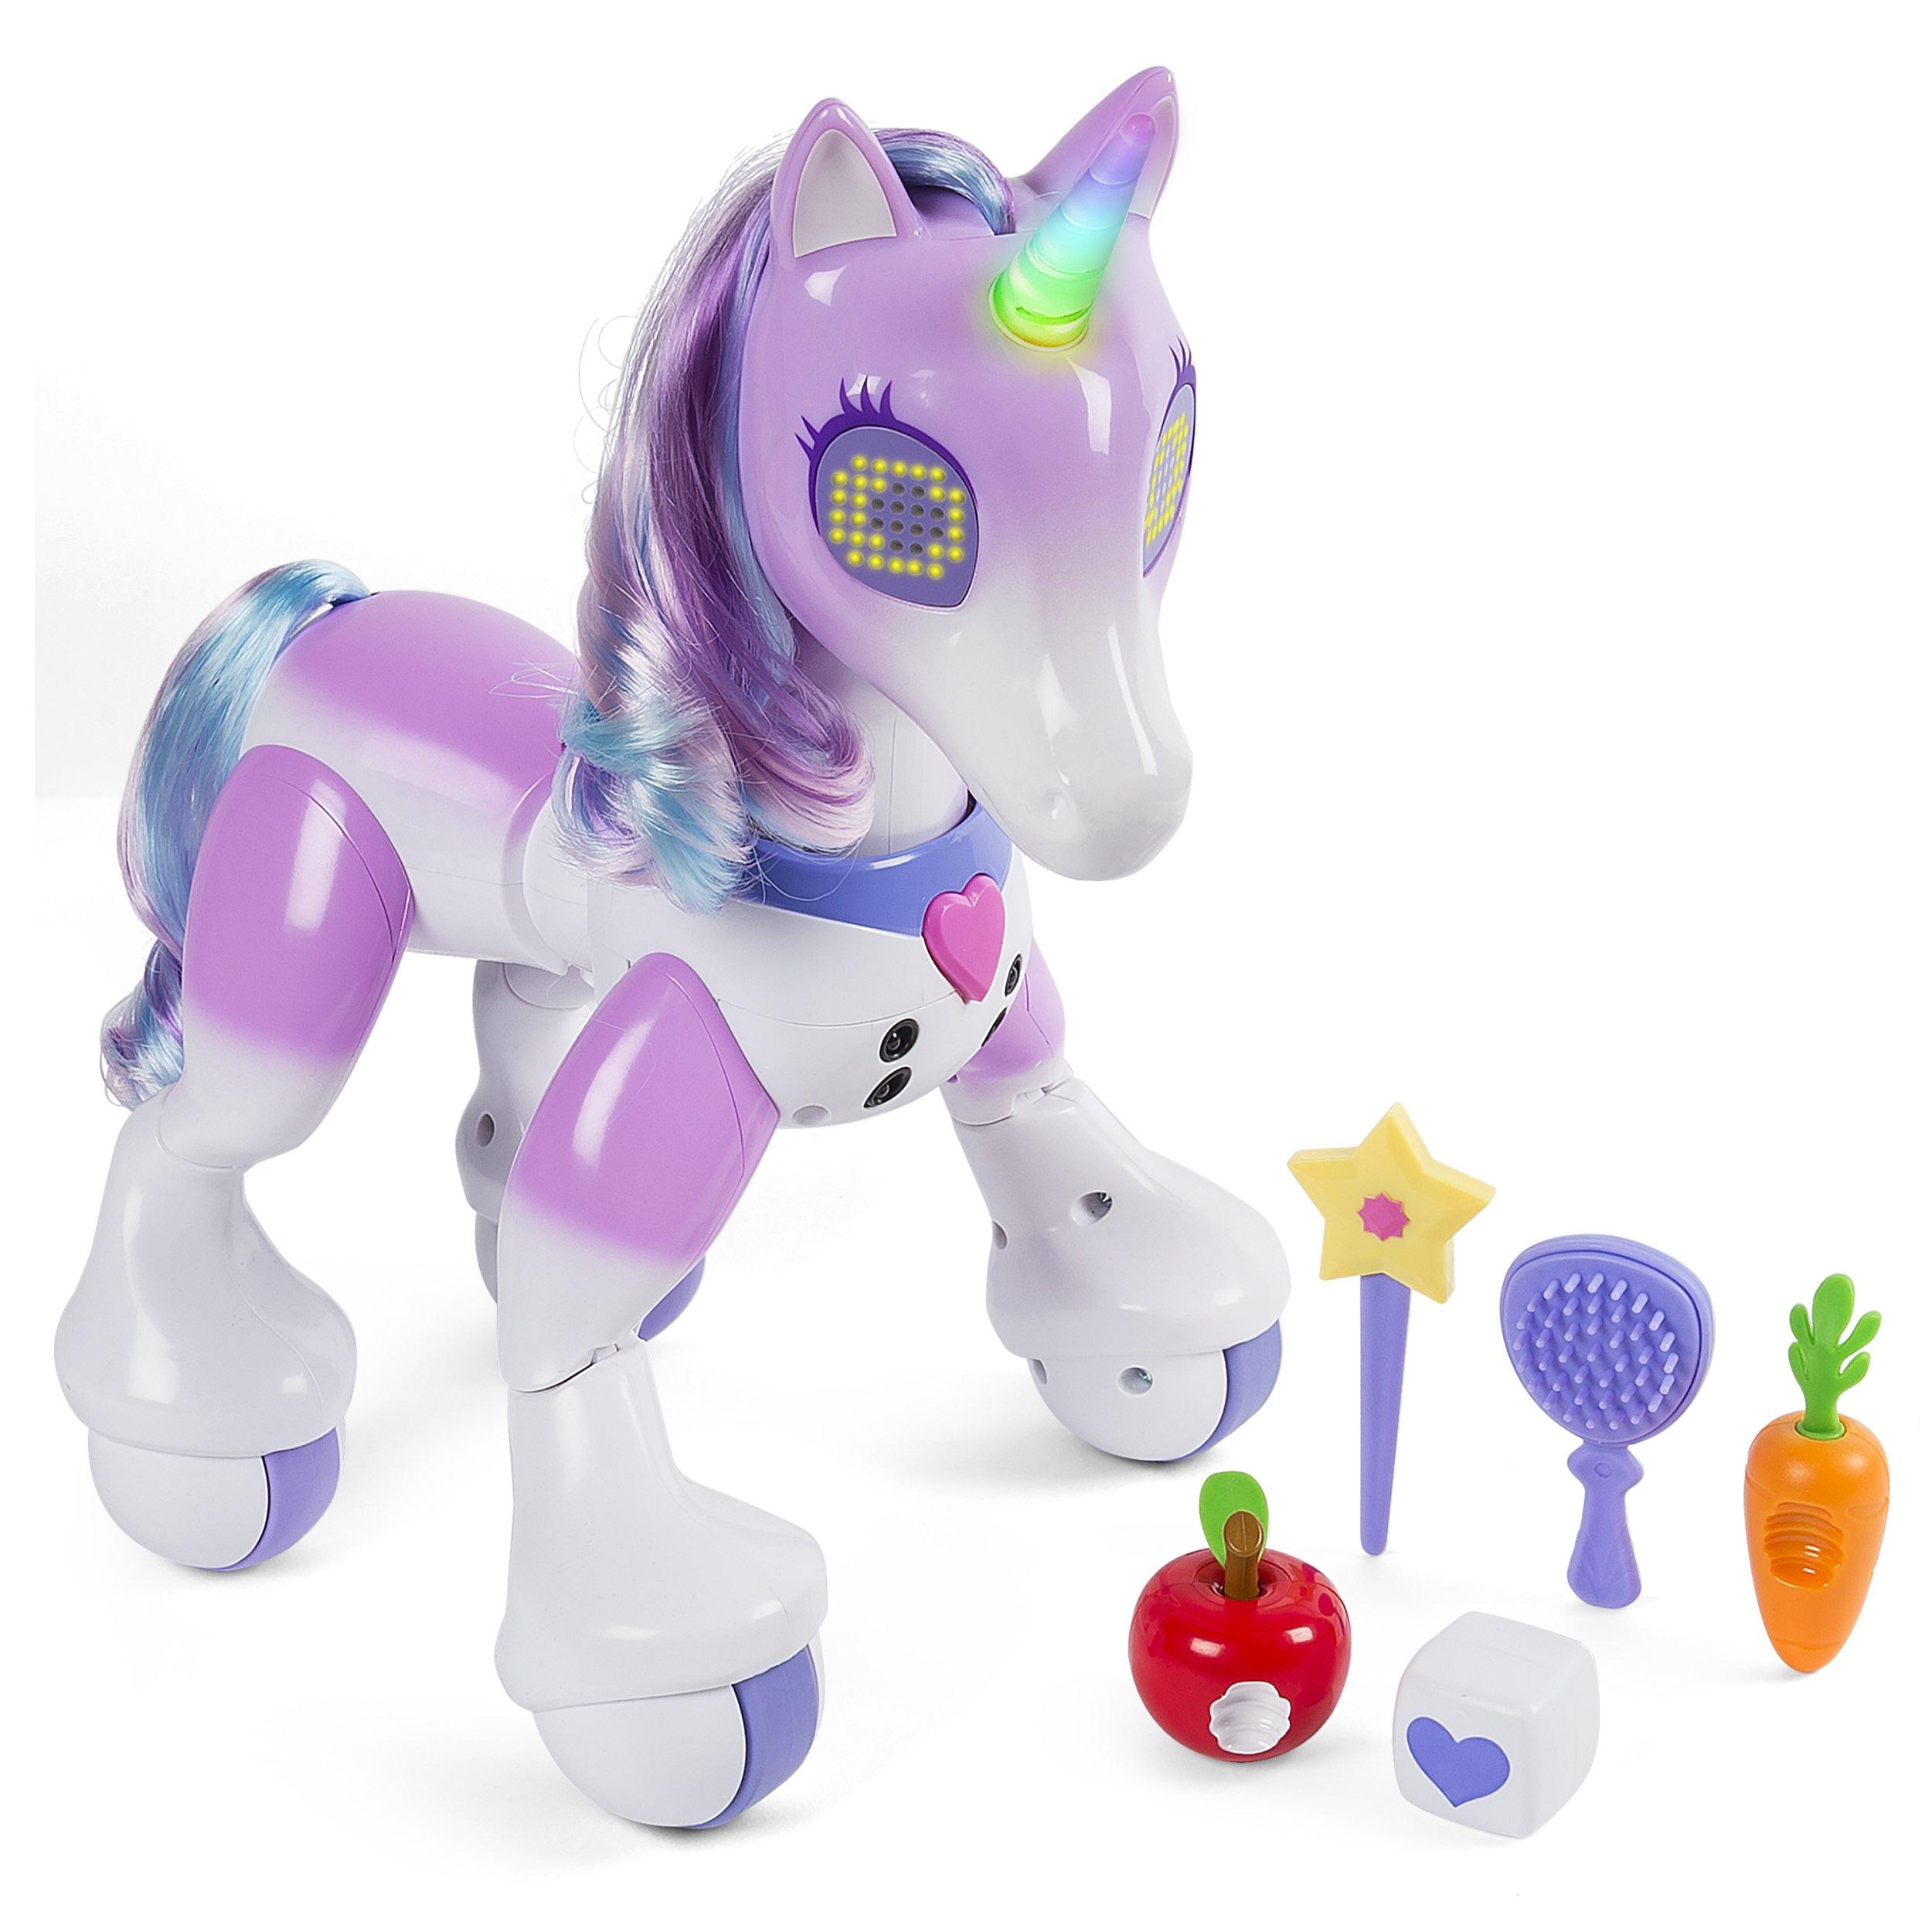 Zoomer 6040309 Enchanted Unicorn Toy by Zoomer (Image #1)